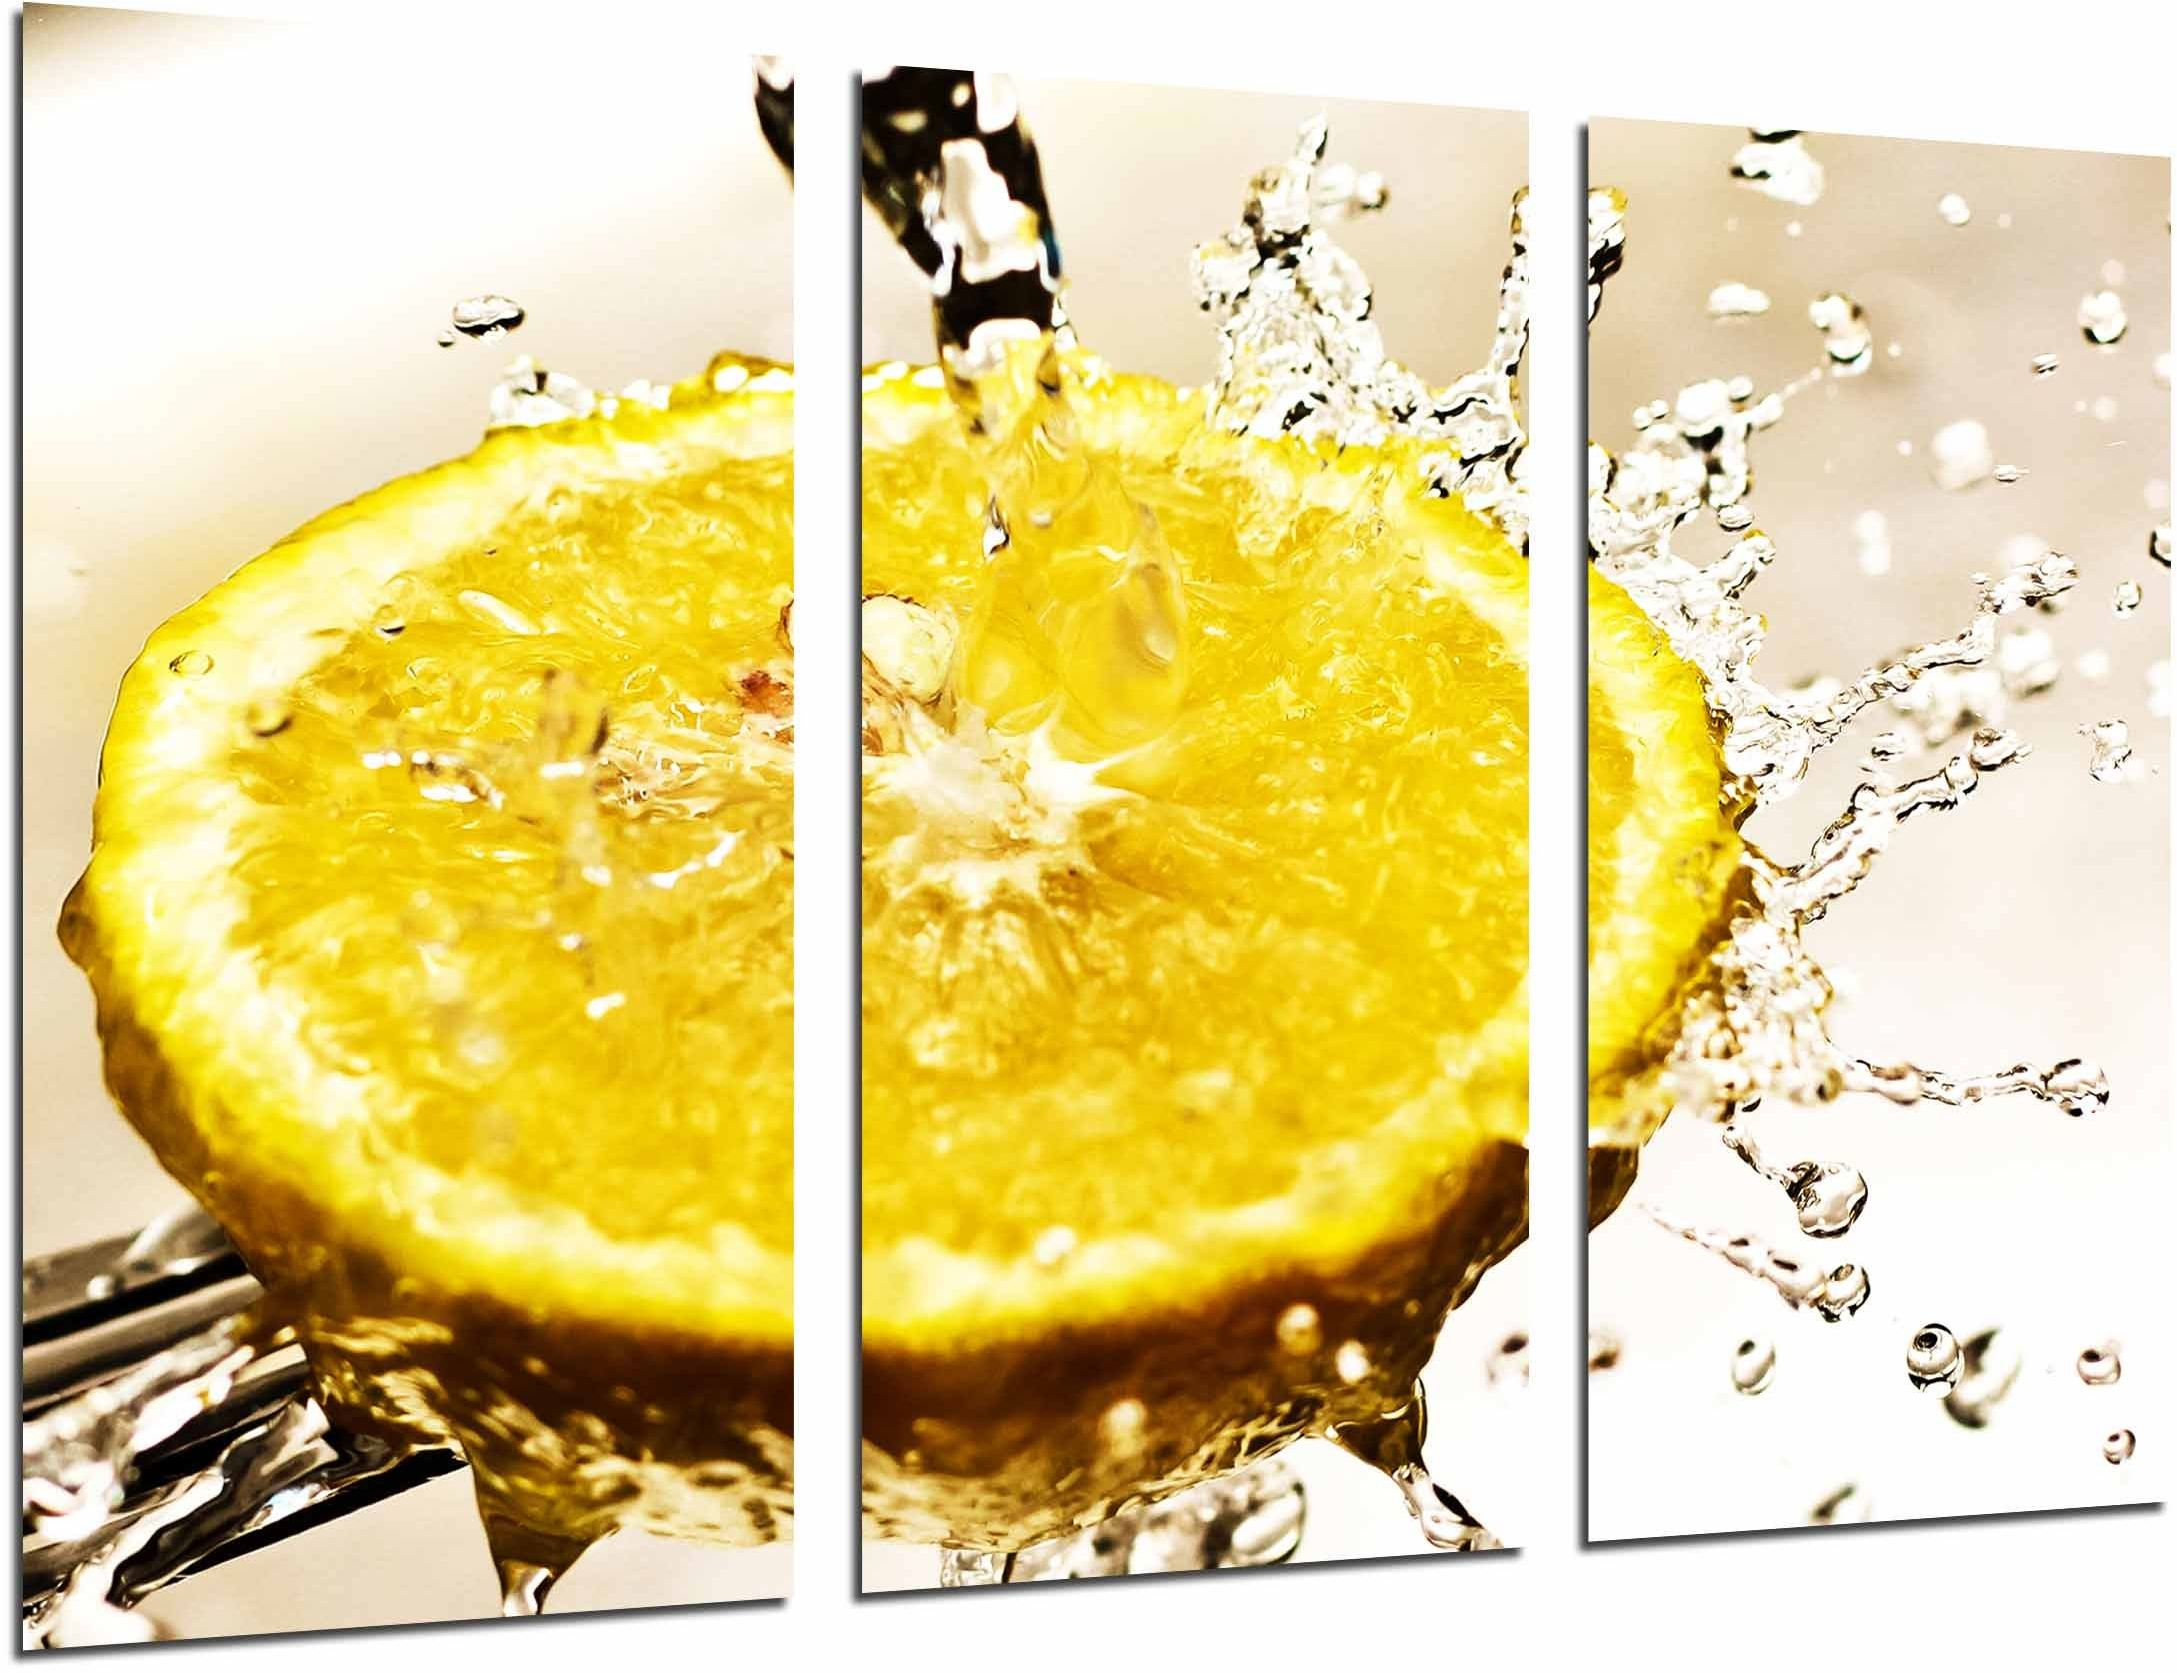 Obraz ścienny - cytryna z wodą, żółty, owocowy, kwasowy, 97 x 62 cm, druk drewniany - format XXL - druk artystyczny, ref.26672